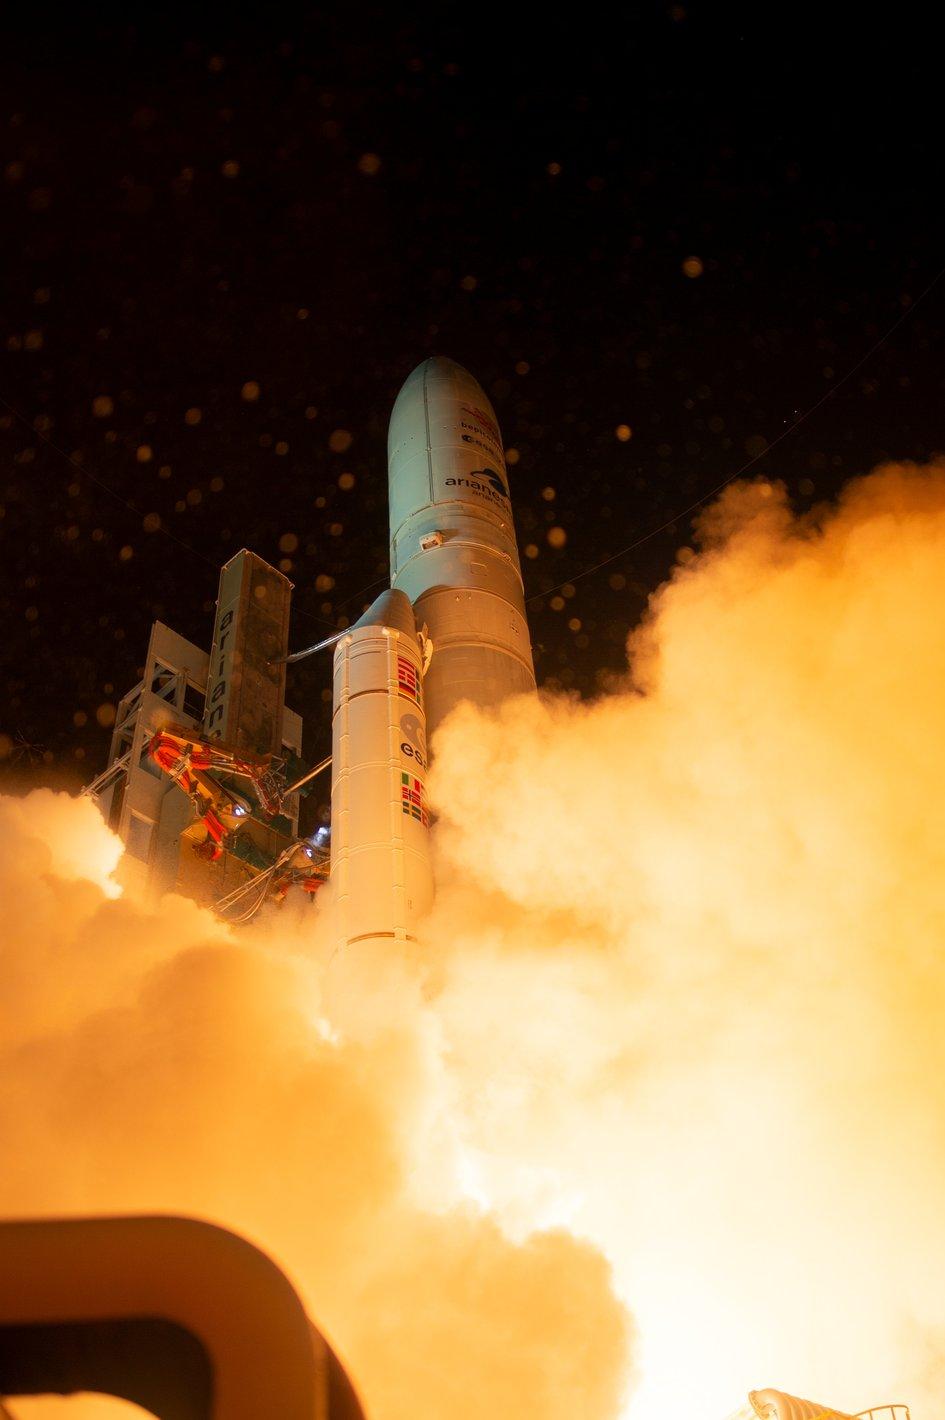 A fost lansată prima misiune spaţială europeană către planeta Mercur. VIDEO